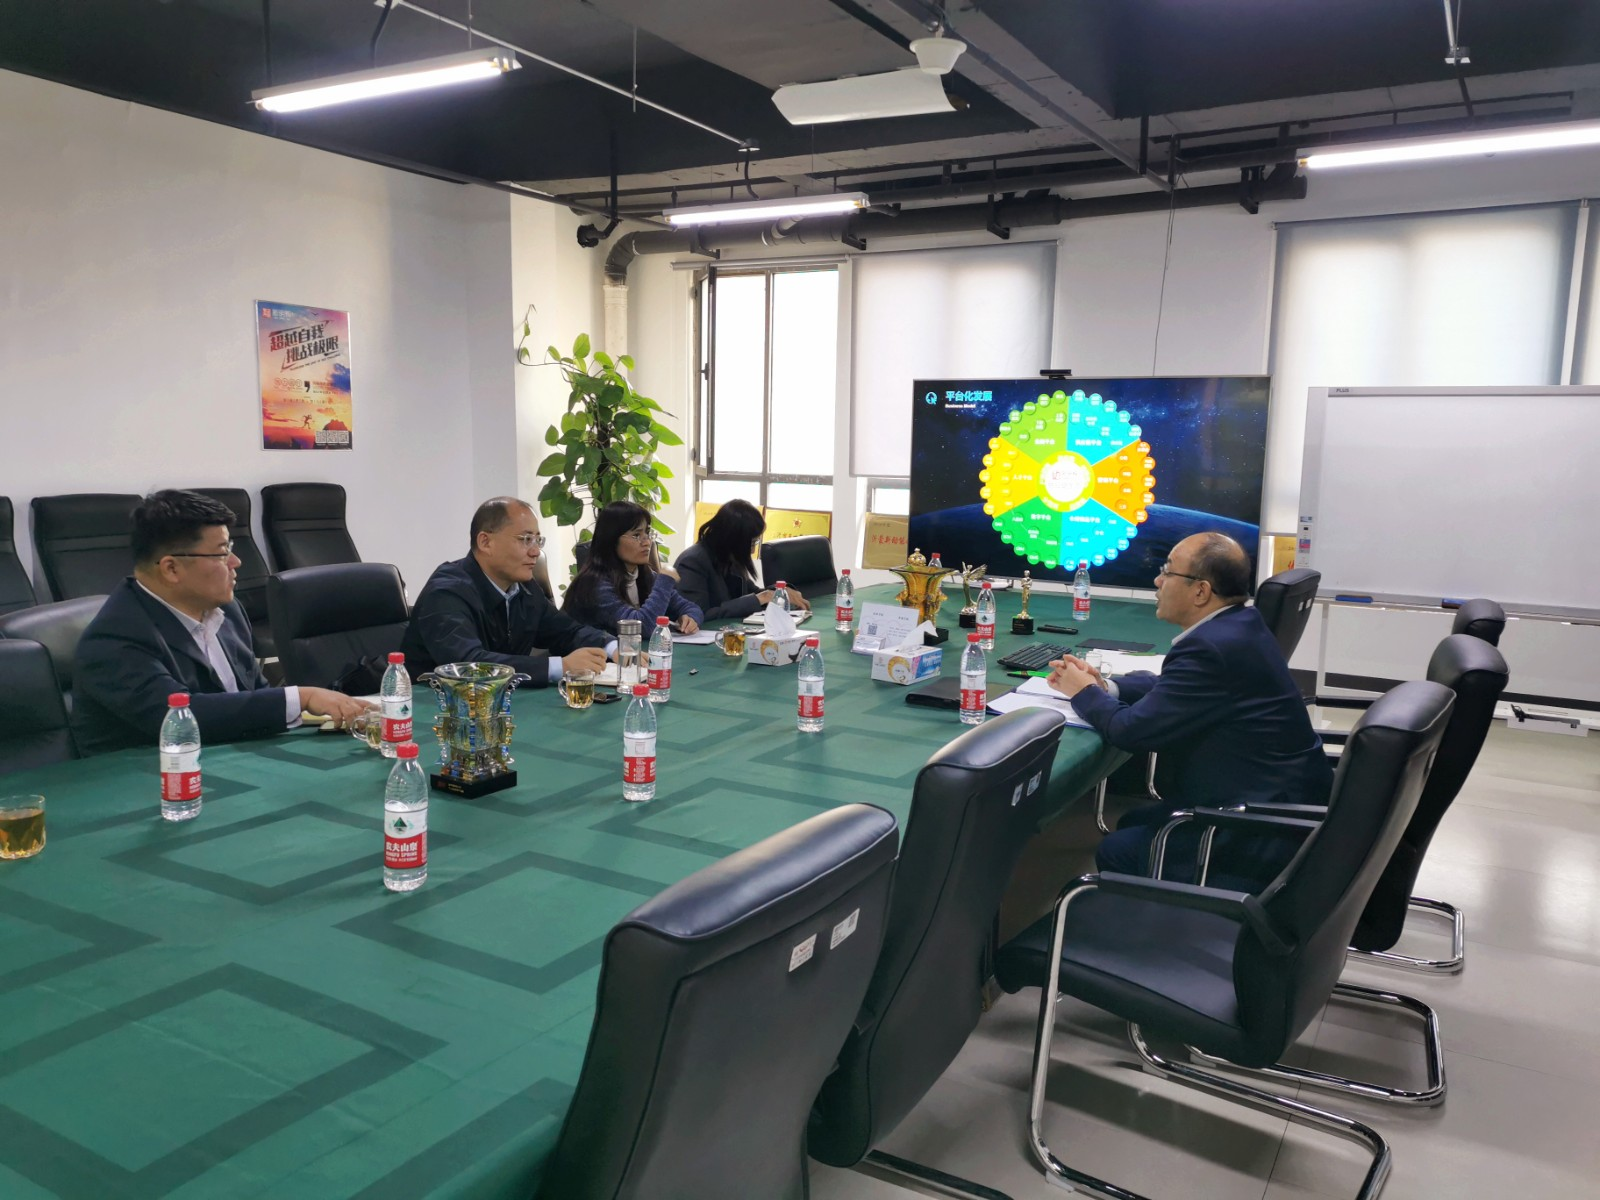 新明辉商城总经理李辉与临沂科技职业学院代表交流合作事项